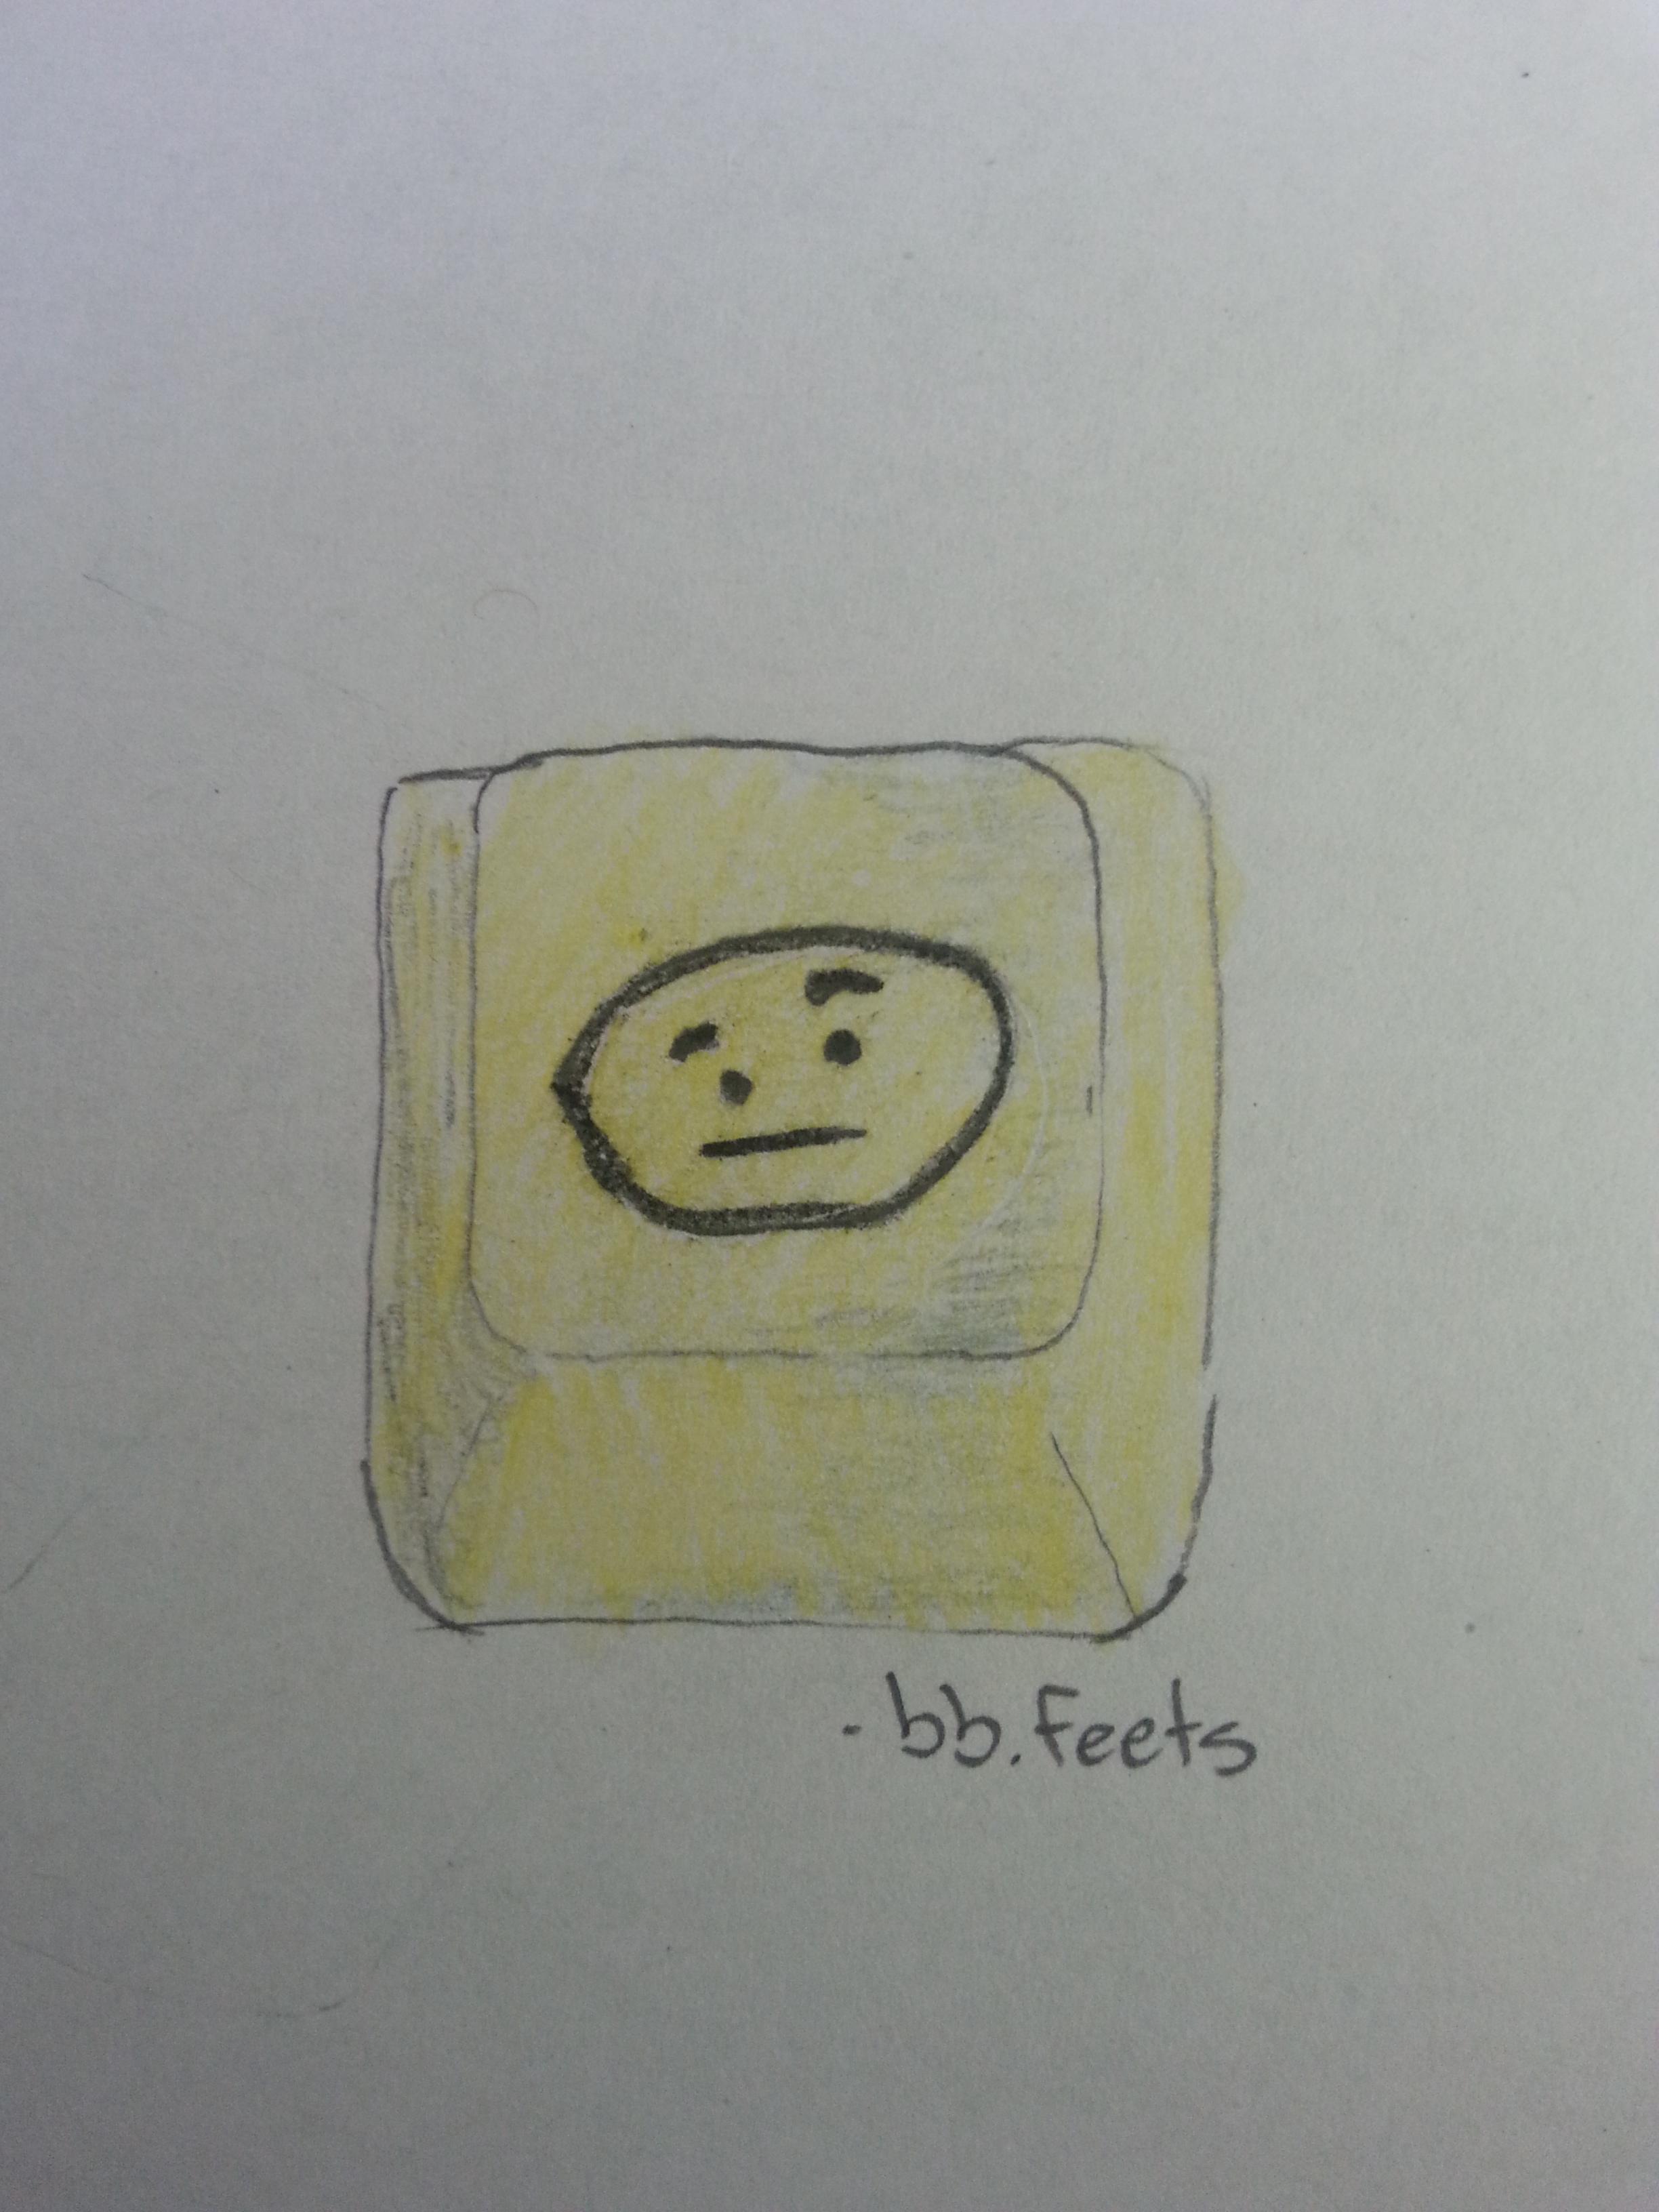 bb.feets